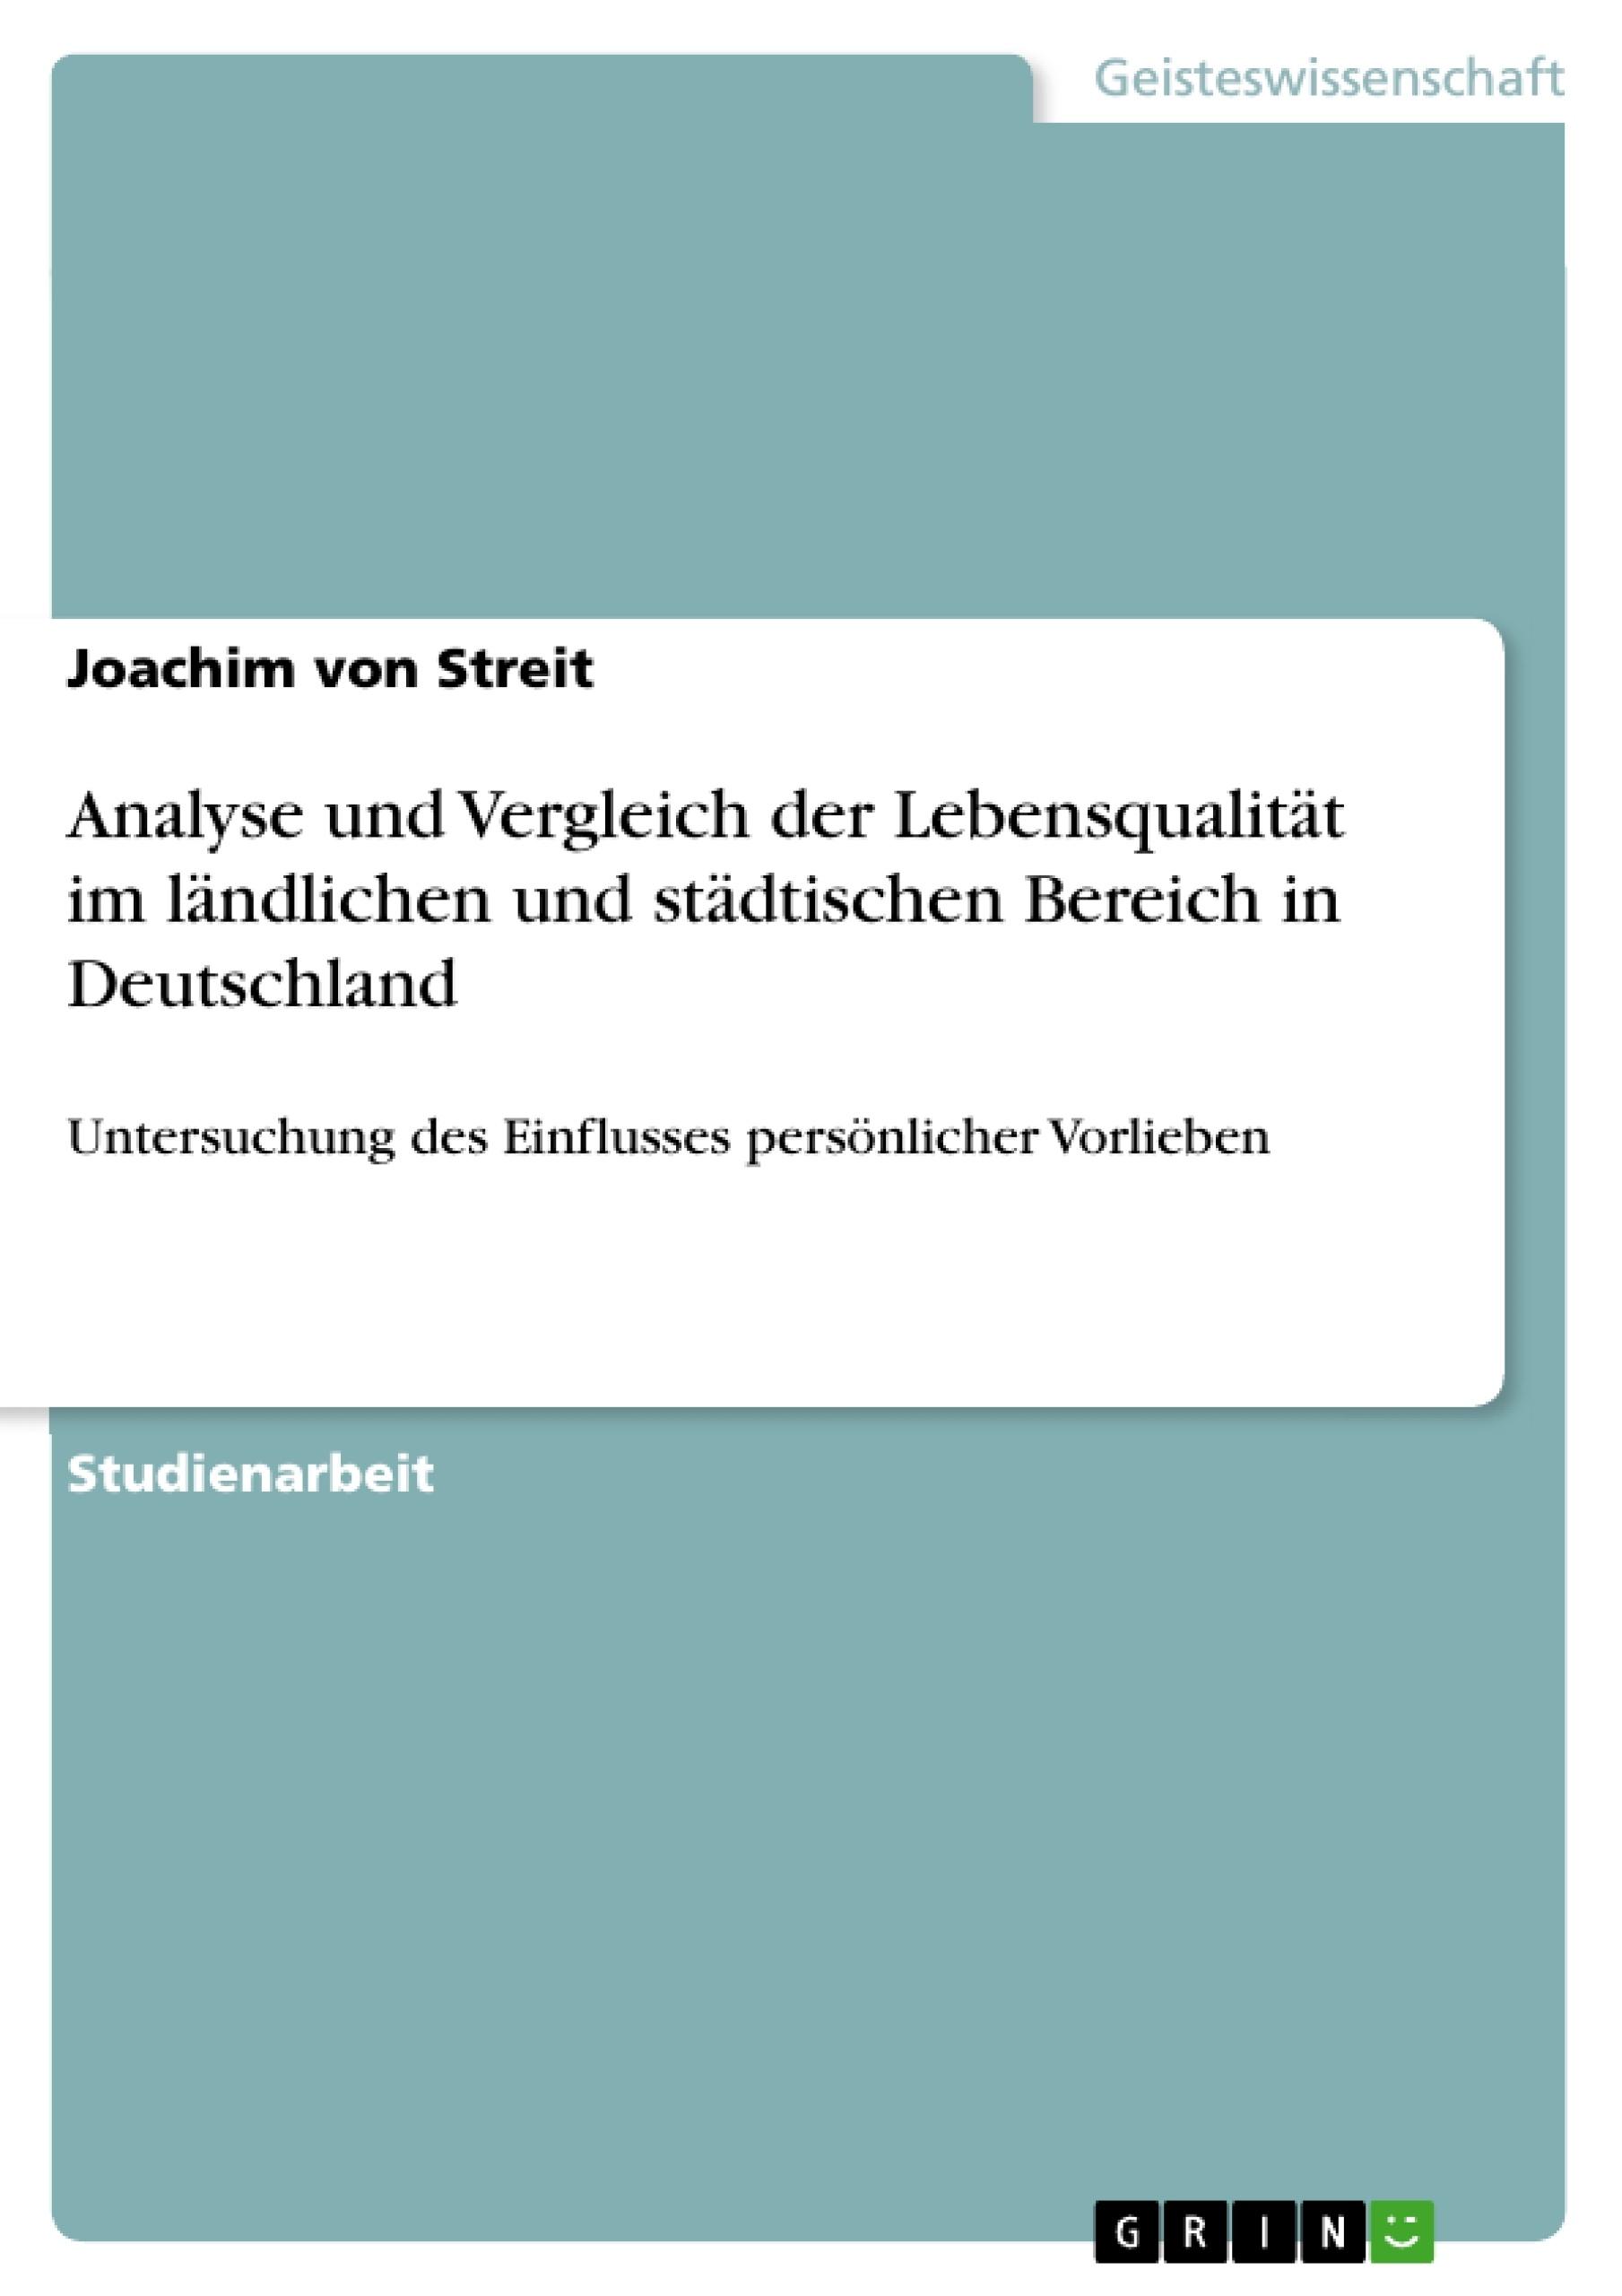 Titel: Analyse und Vergleich der Lebensqualität im ländlichen und städtischen Bereich in Deutschland